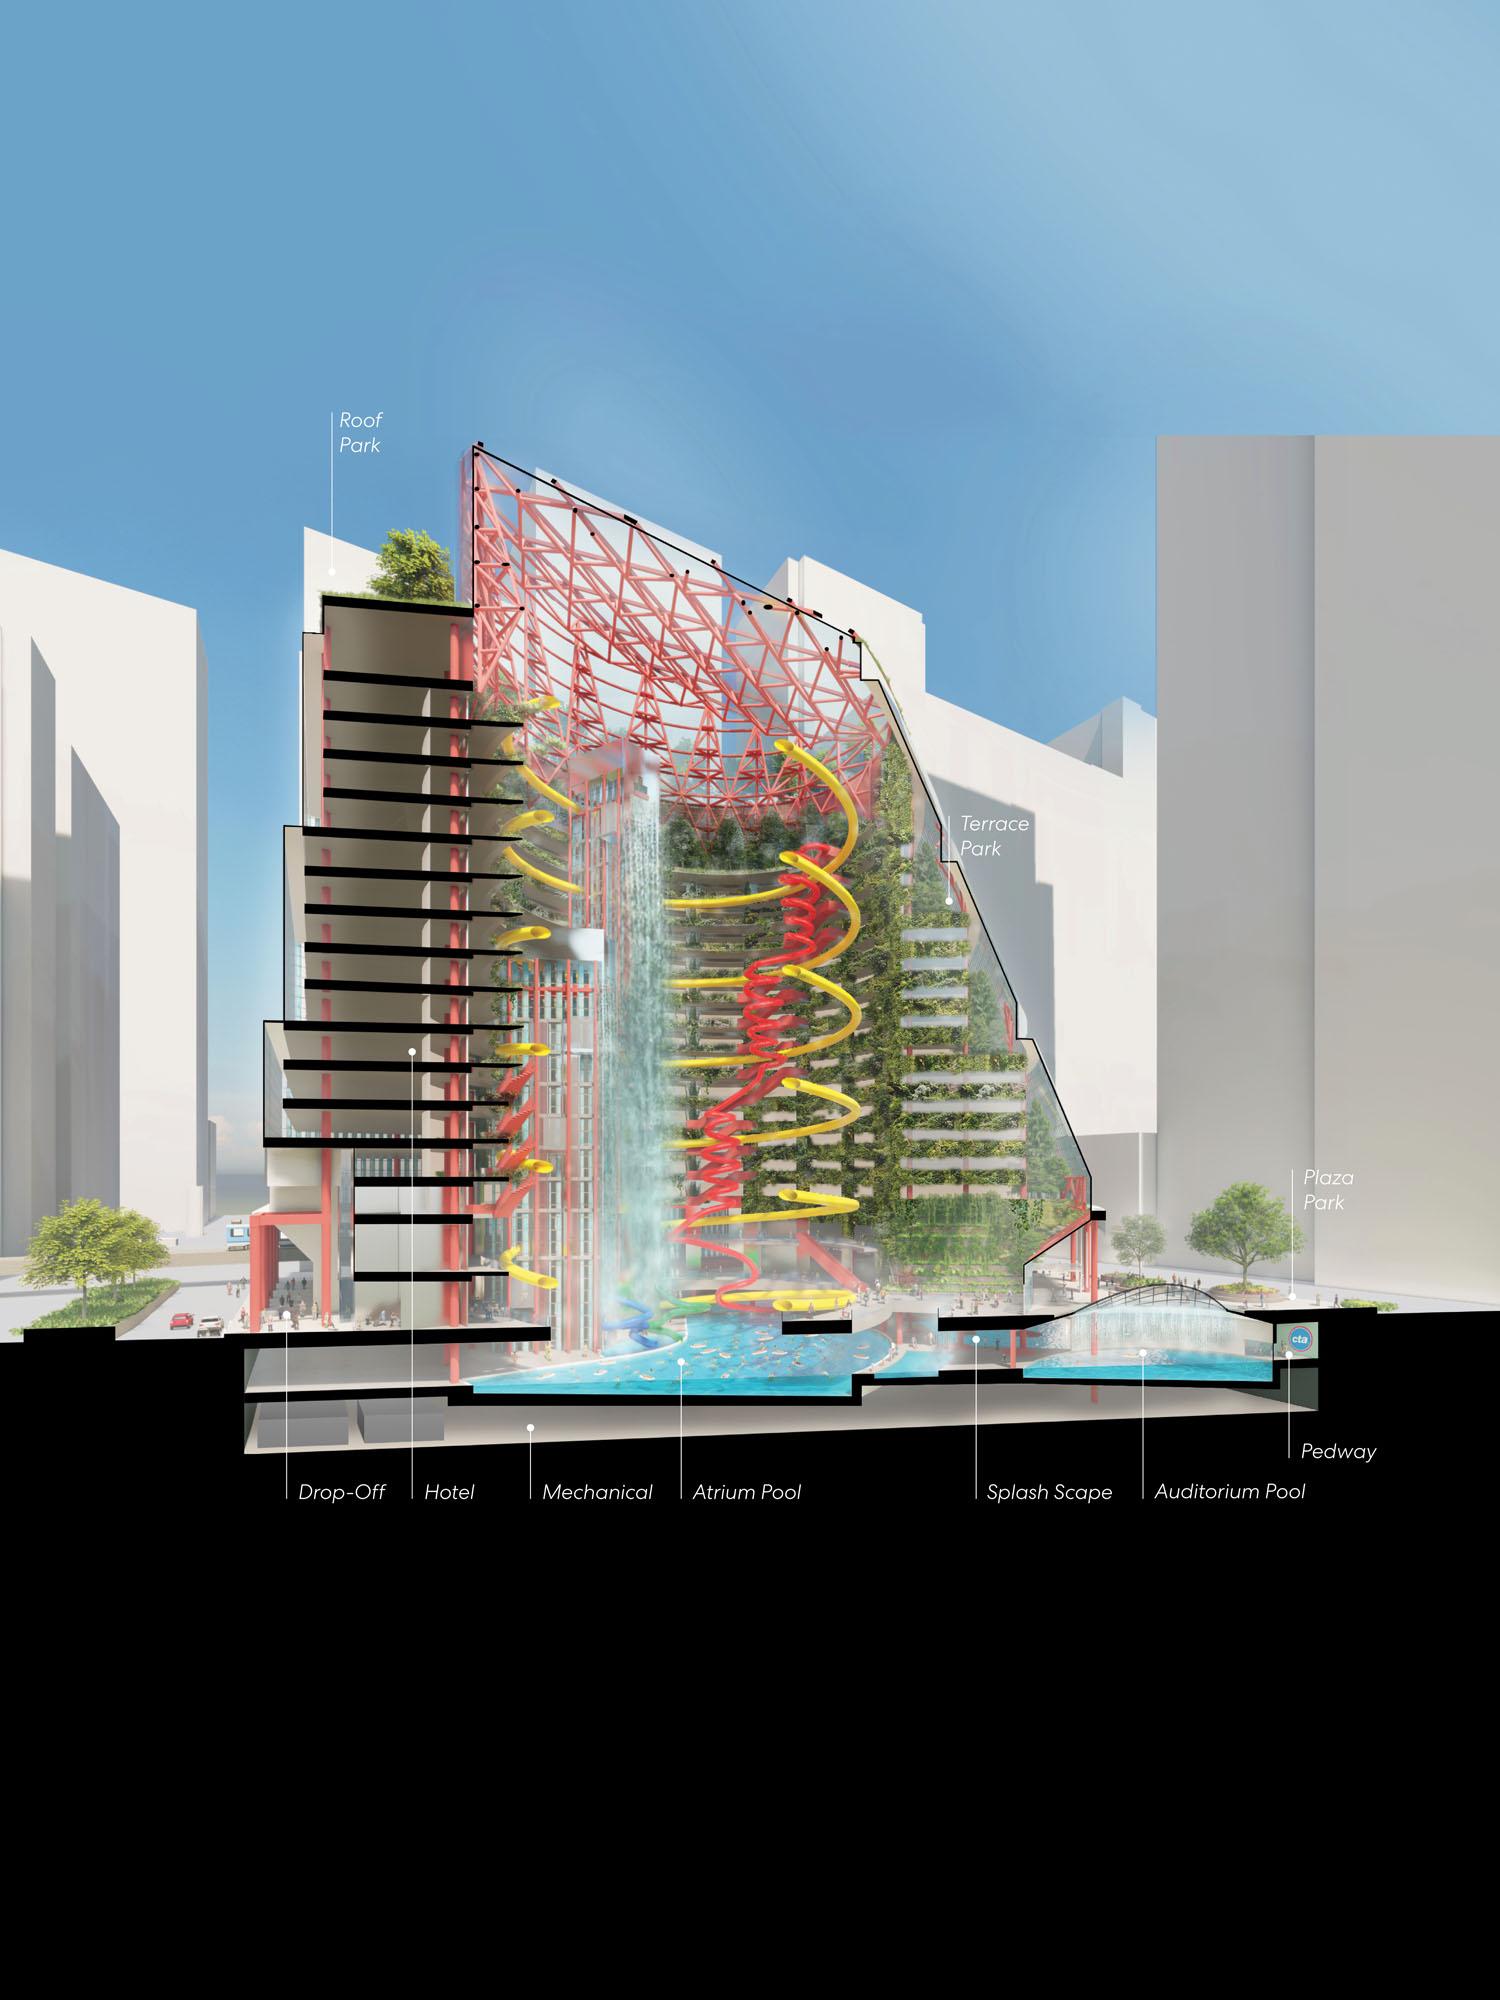 public pool elevation rendering